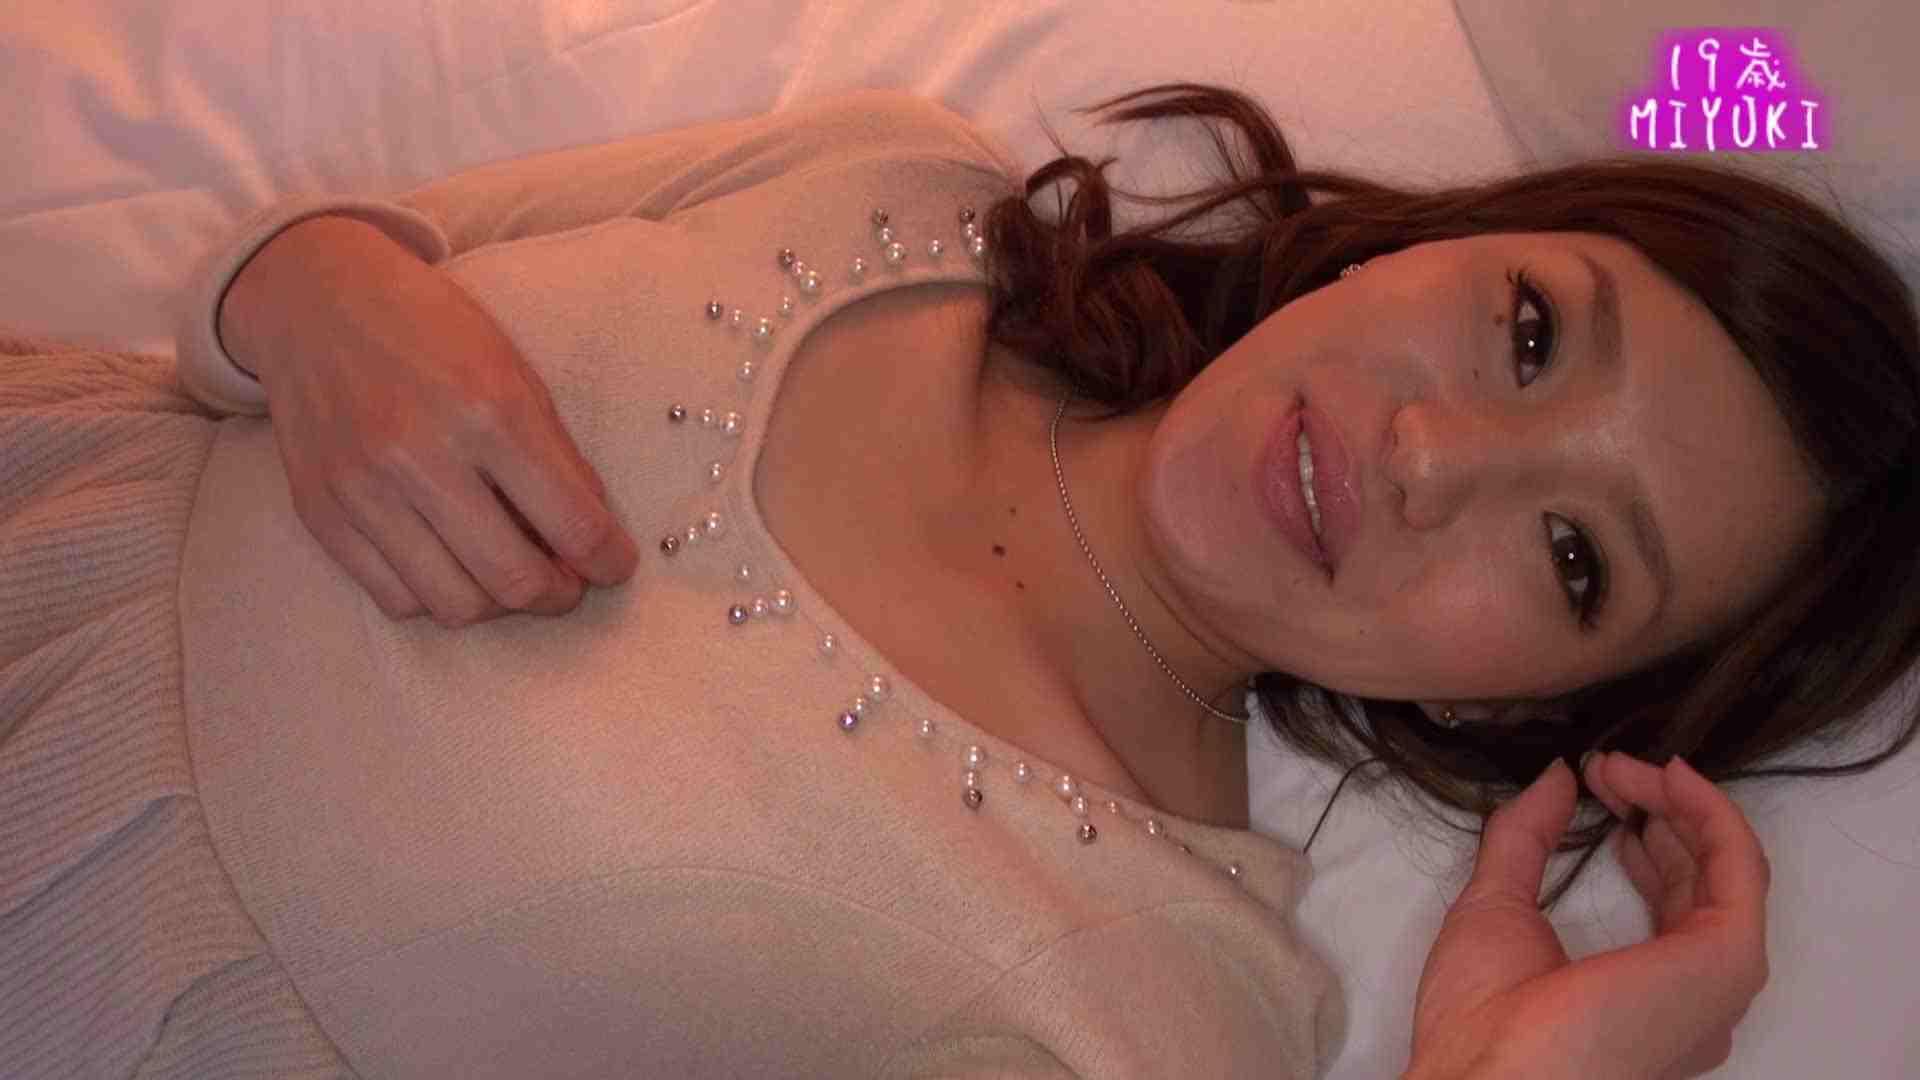 カメラテストを兼ねて、MIYUKIちゃんのイメージ撮影 素人流出動画  83枚 64